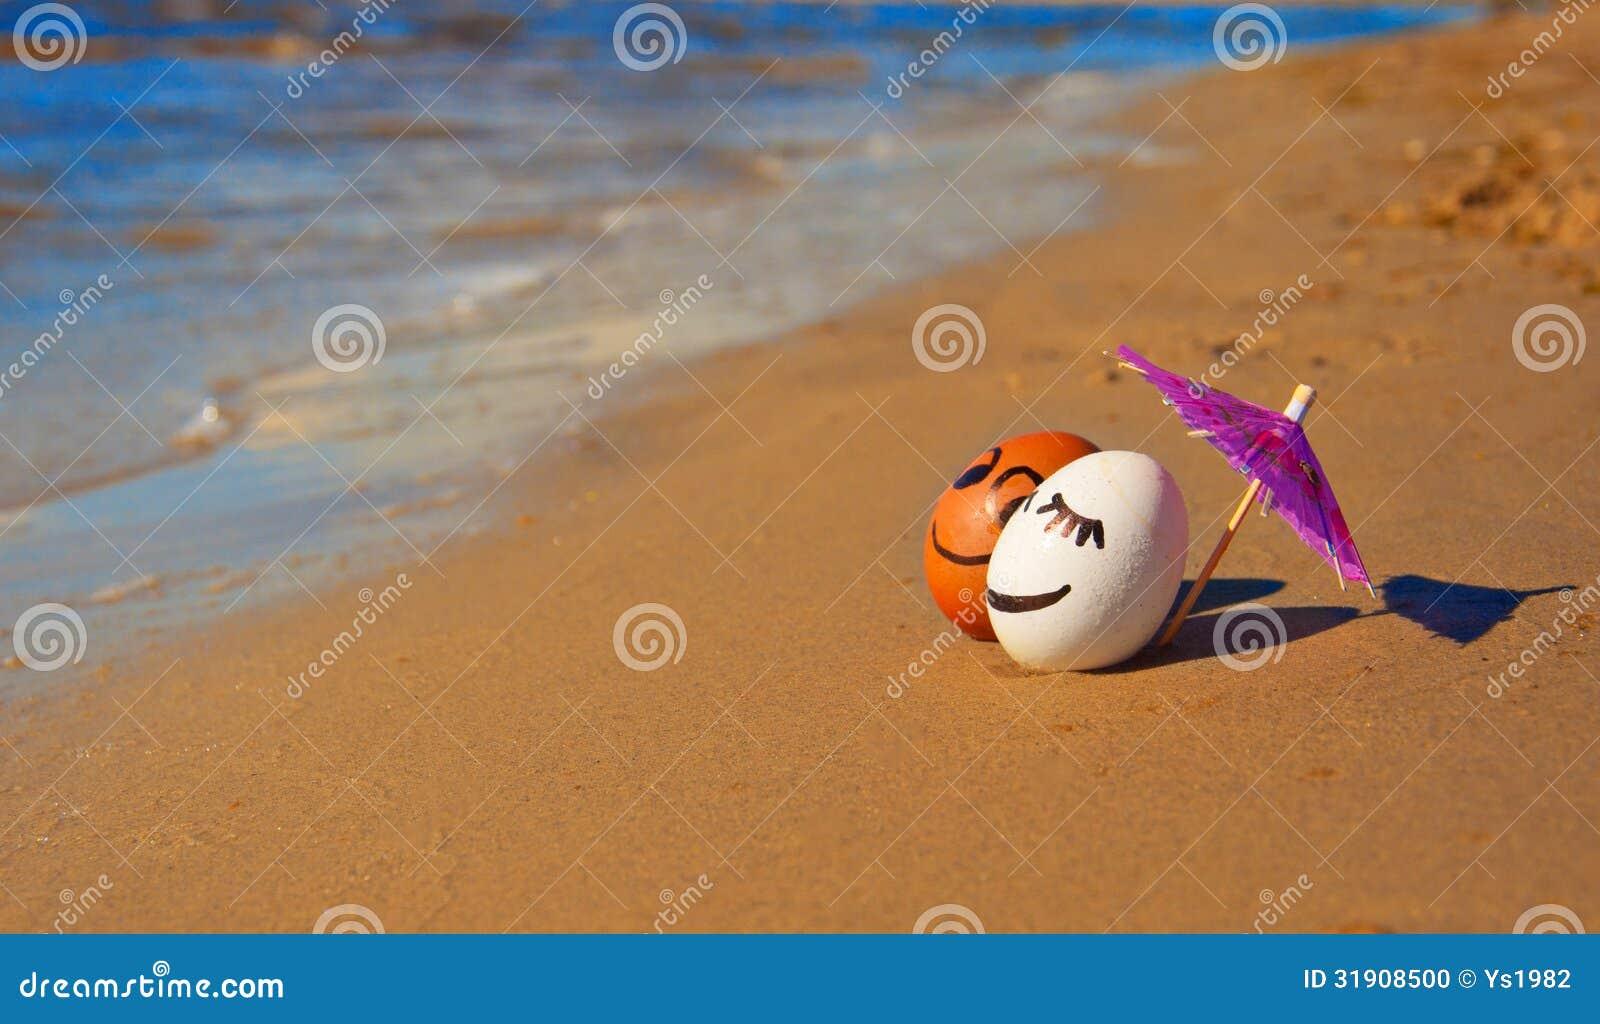 Wielkanocni śmieszni jajka pod parasolem na plaży